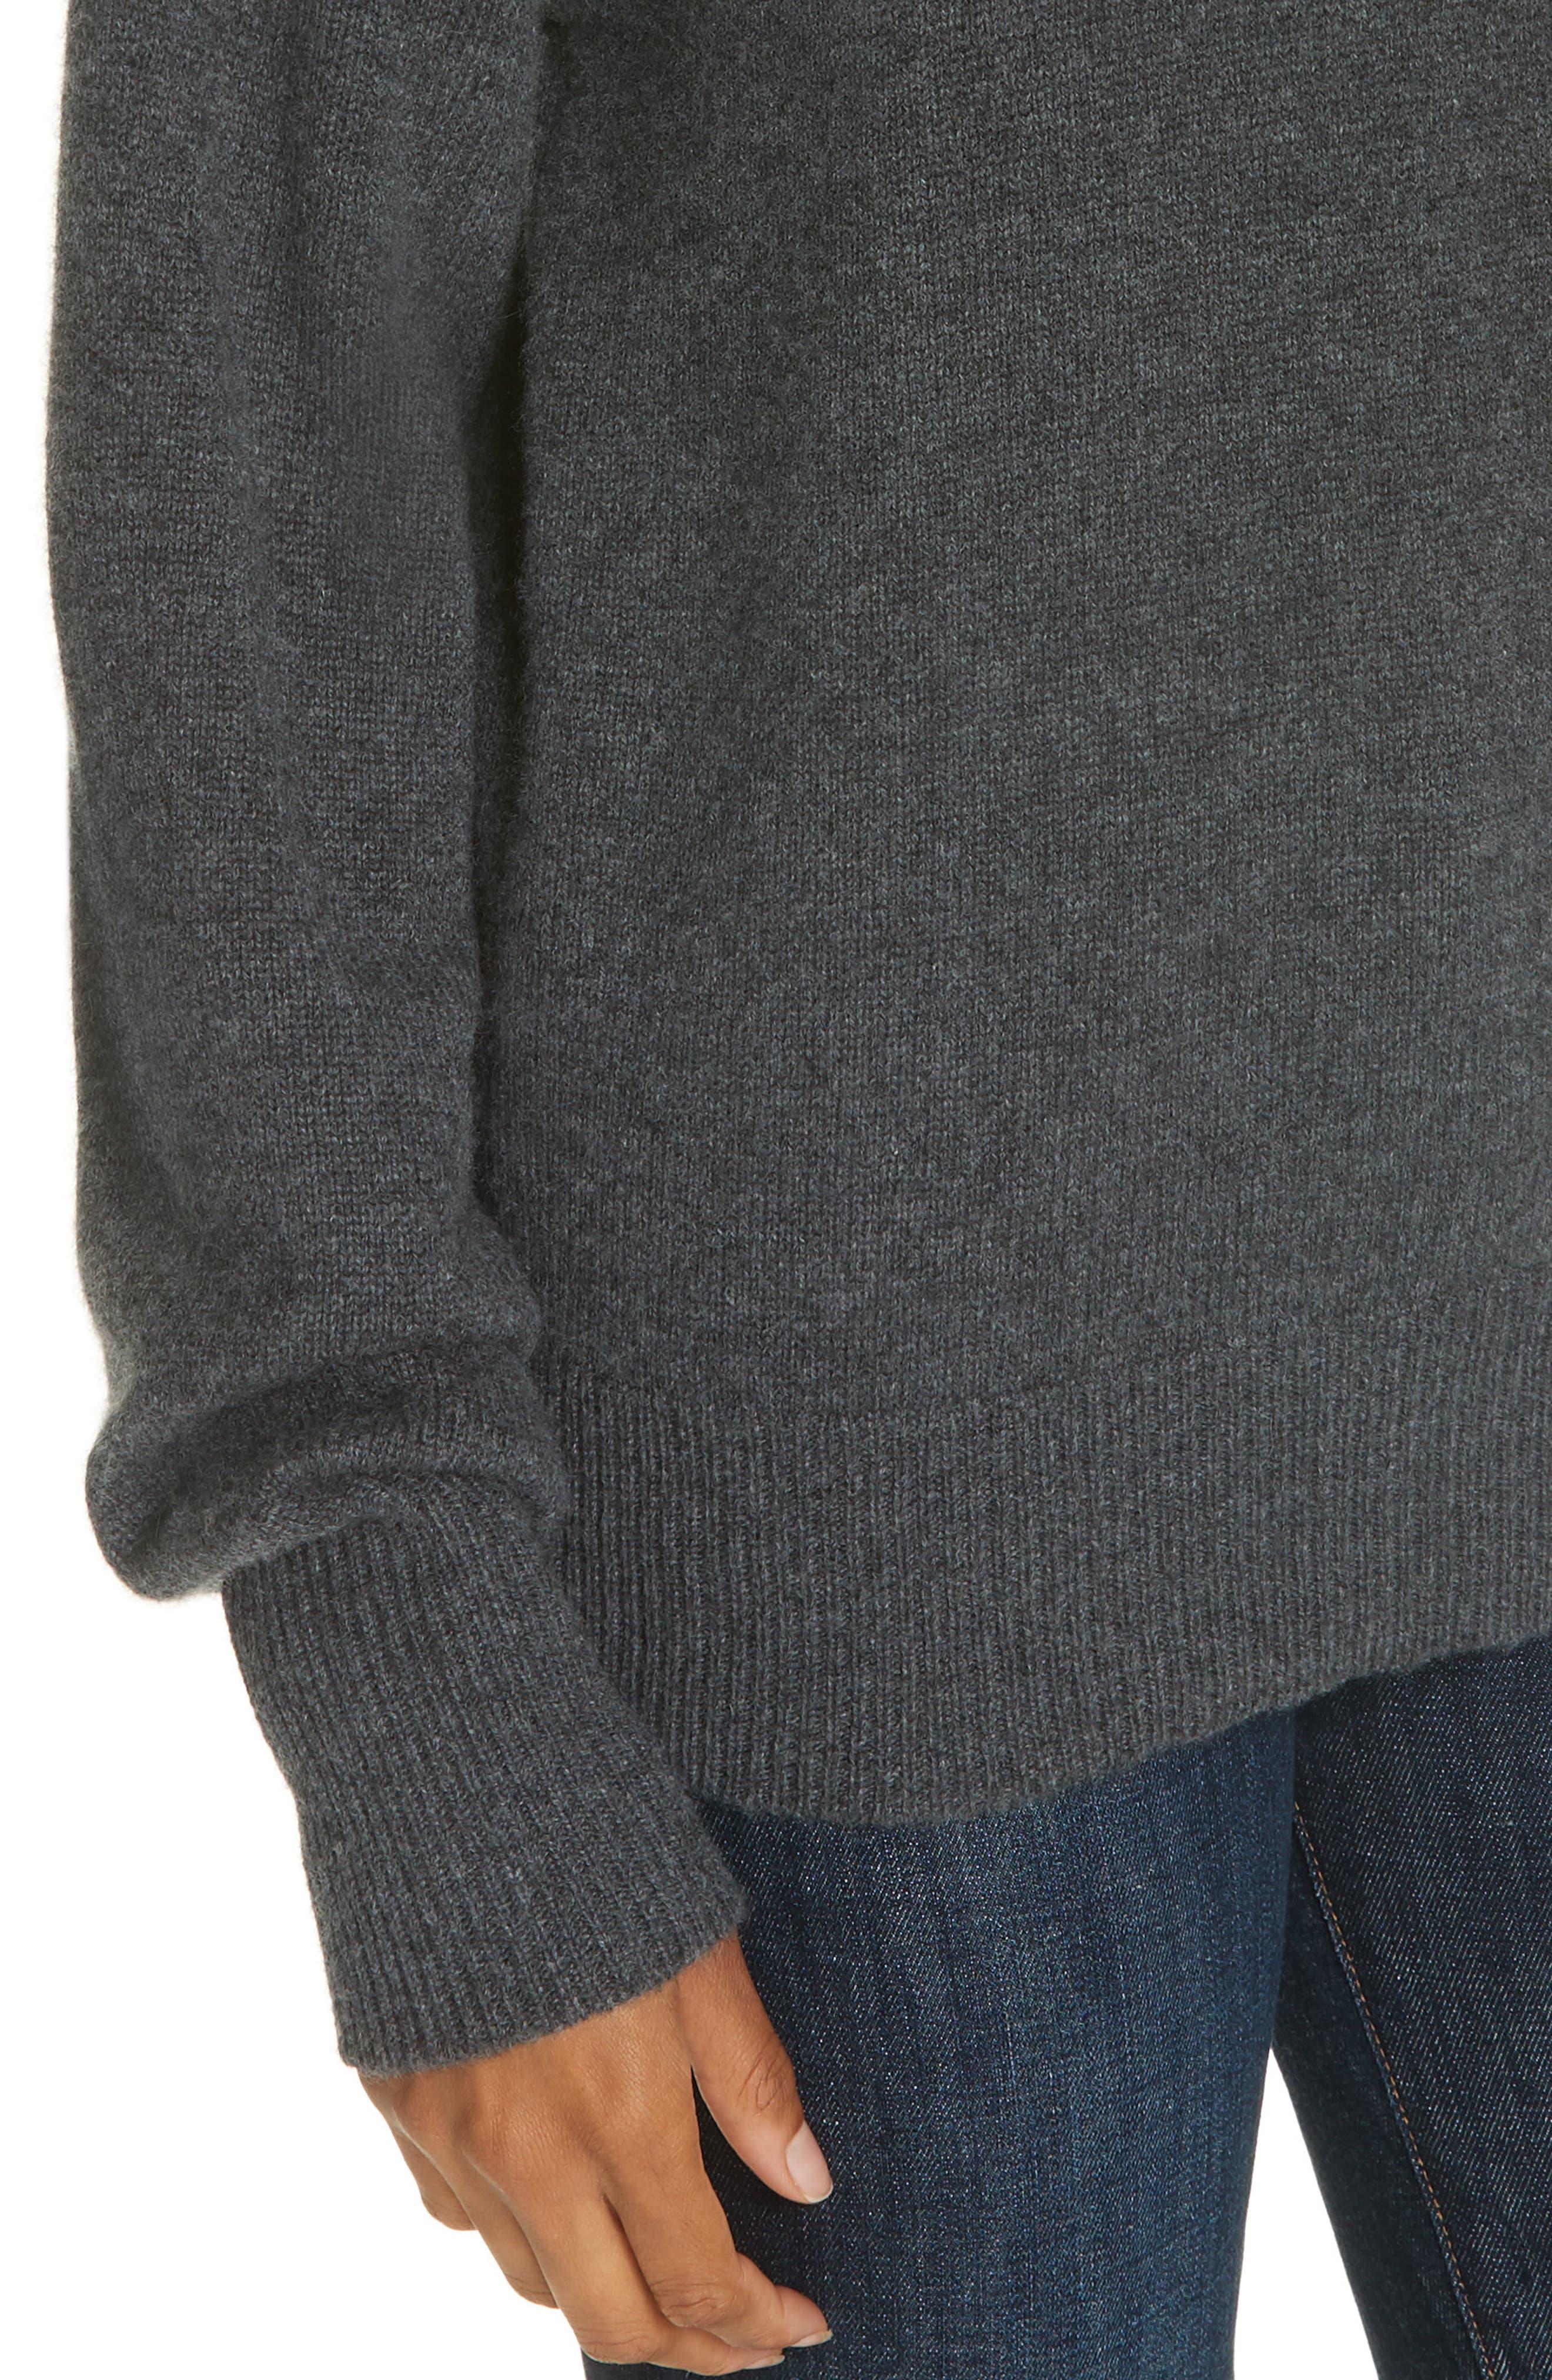 Cashmere Drop Shoulder Turtleneck Sweater,                             Alternate thumbnail 4, color,                             HEATHER BOULDER